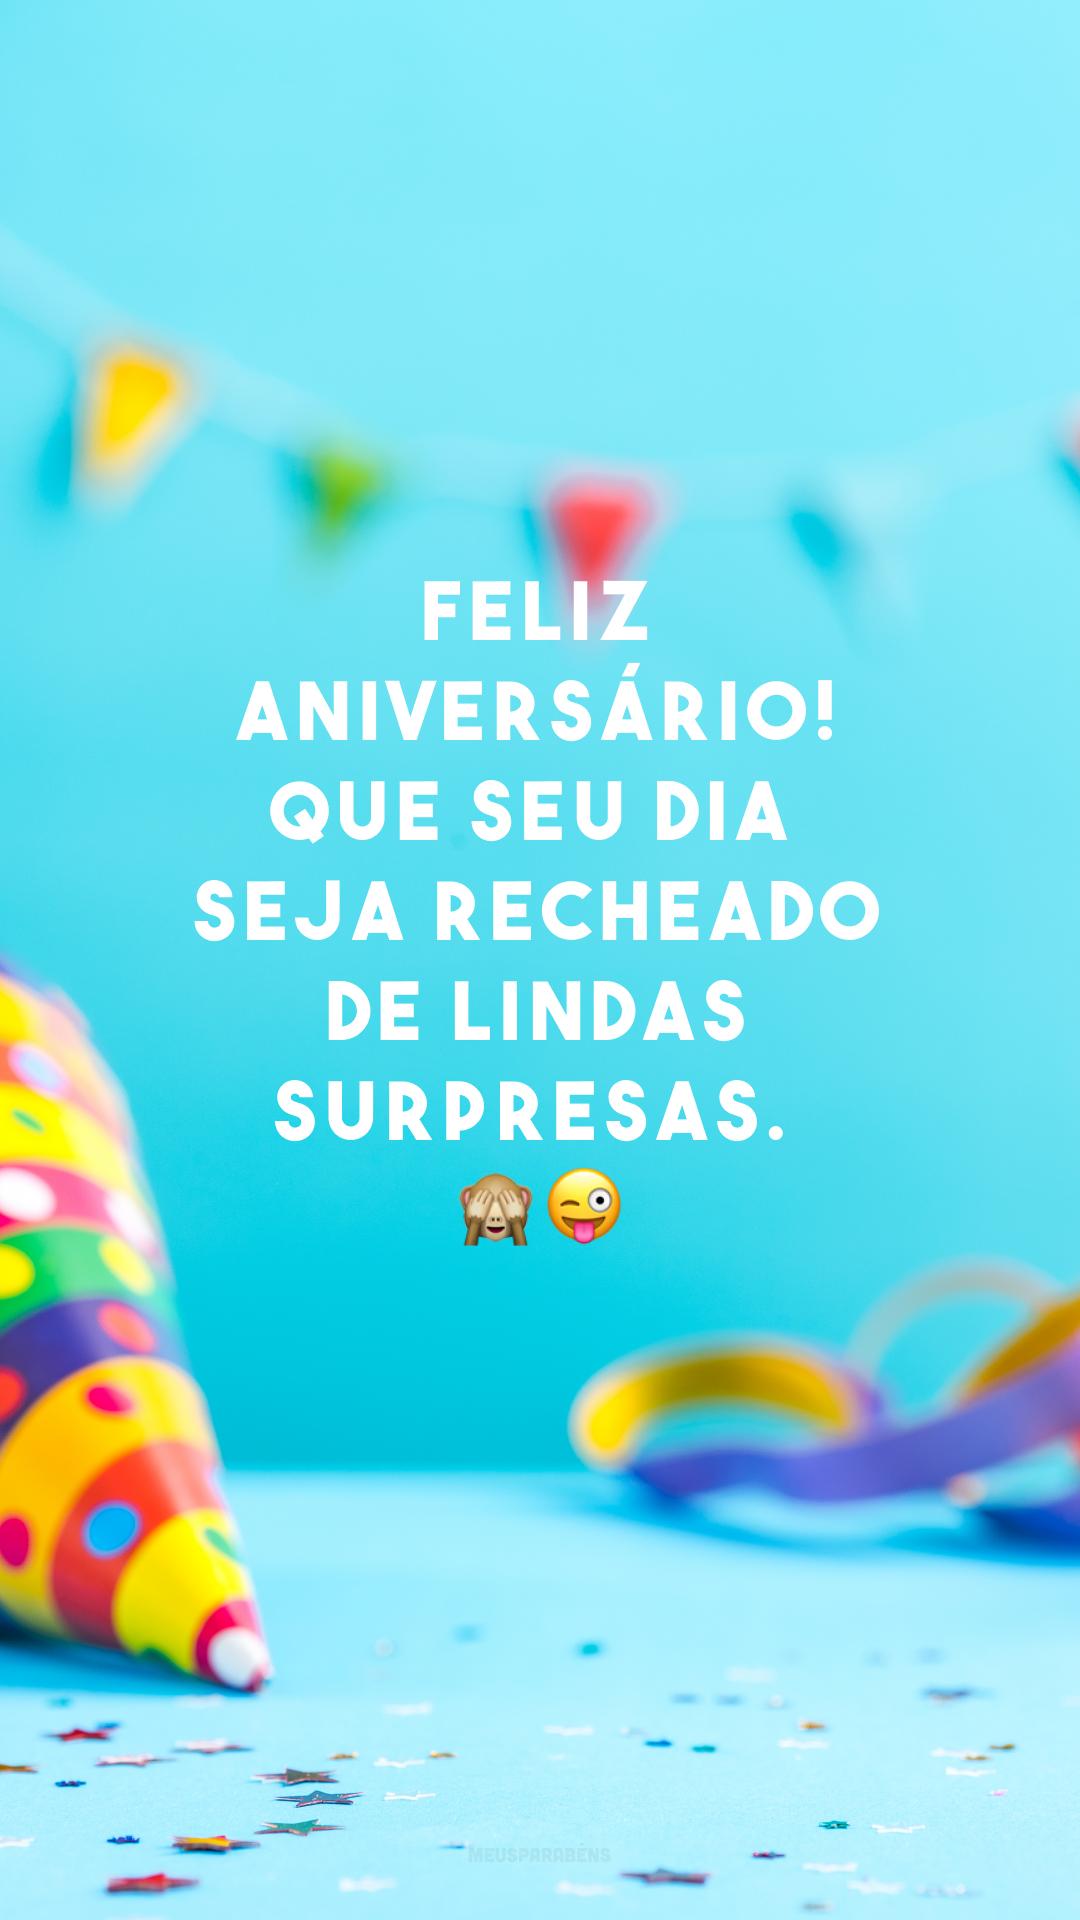 Feliz aniversário! Que seu dia seja recheado de lindas surpresas. ??